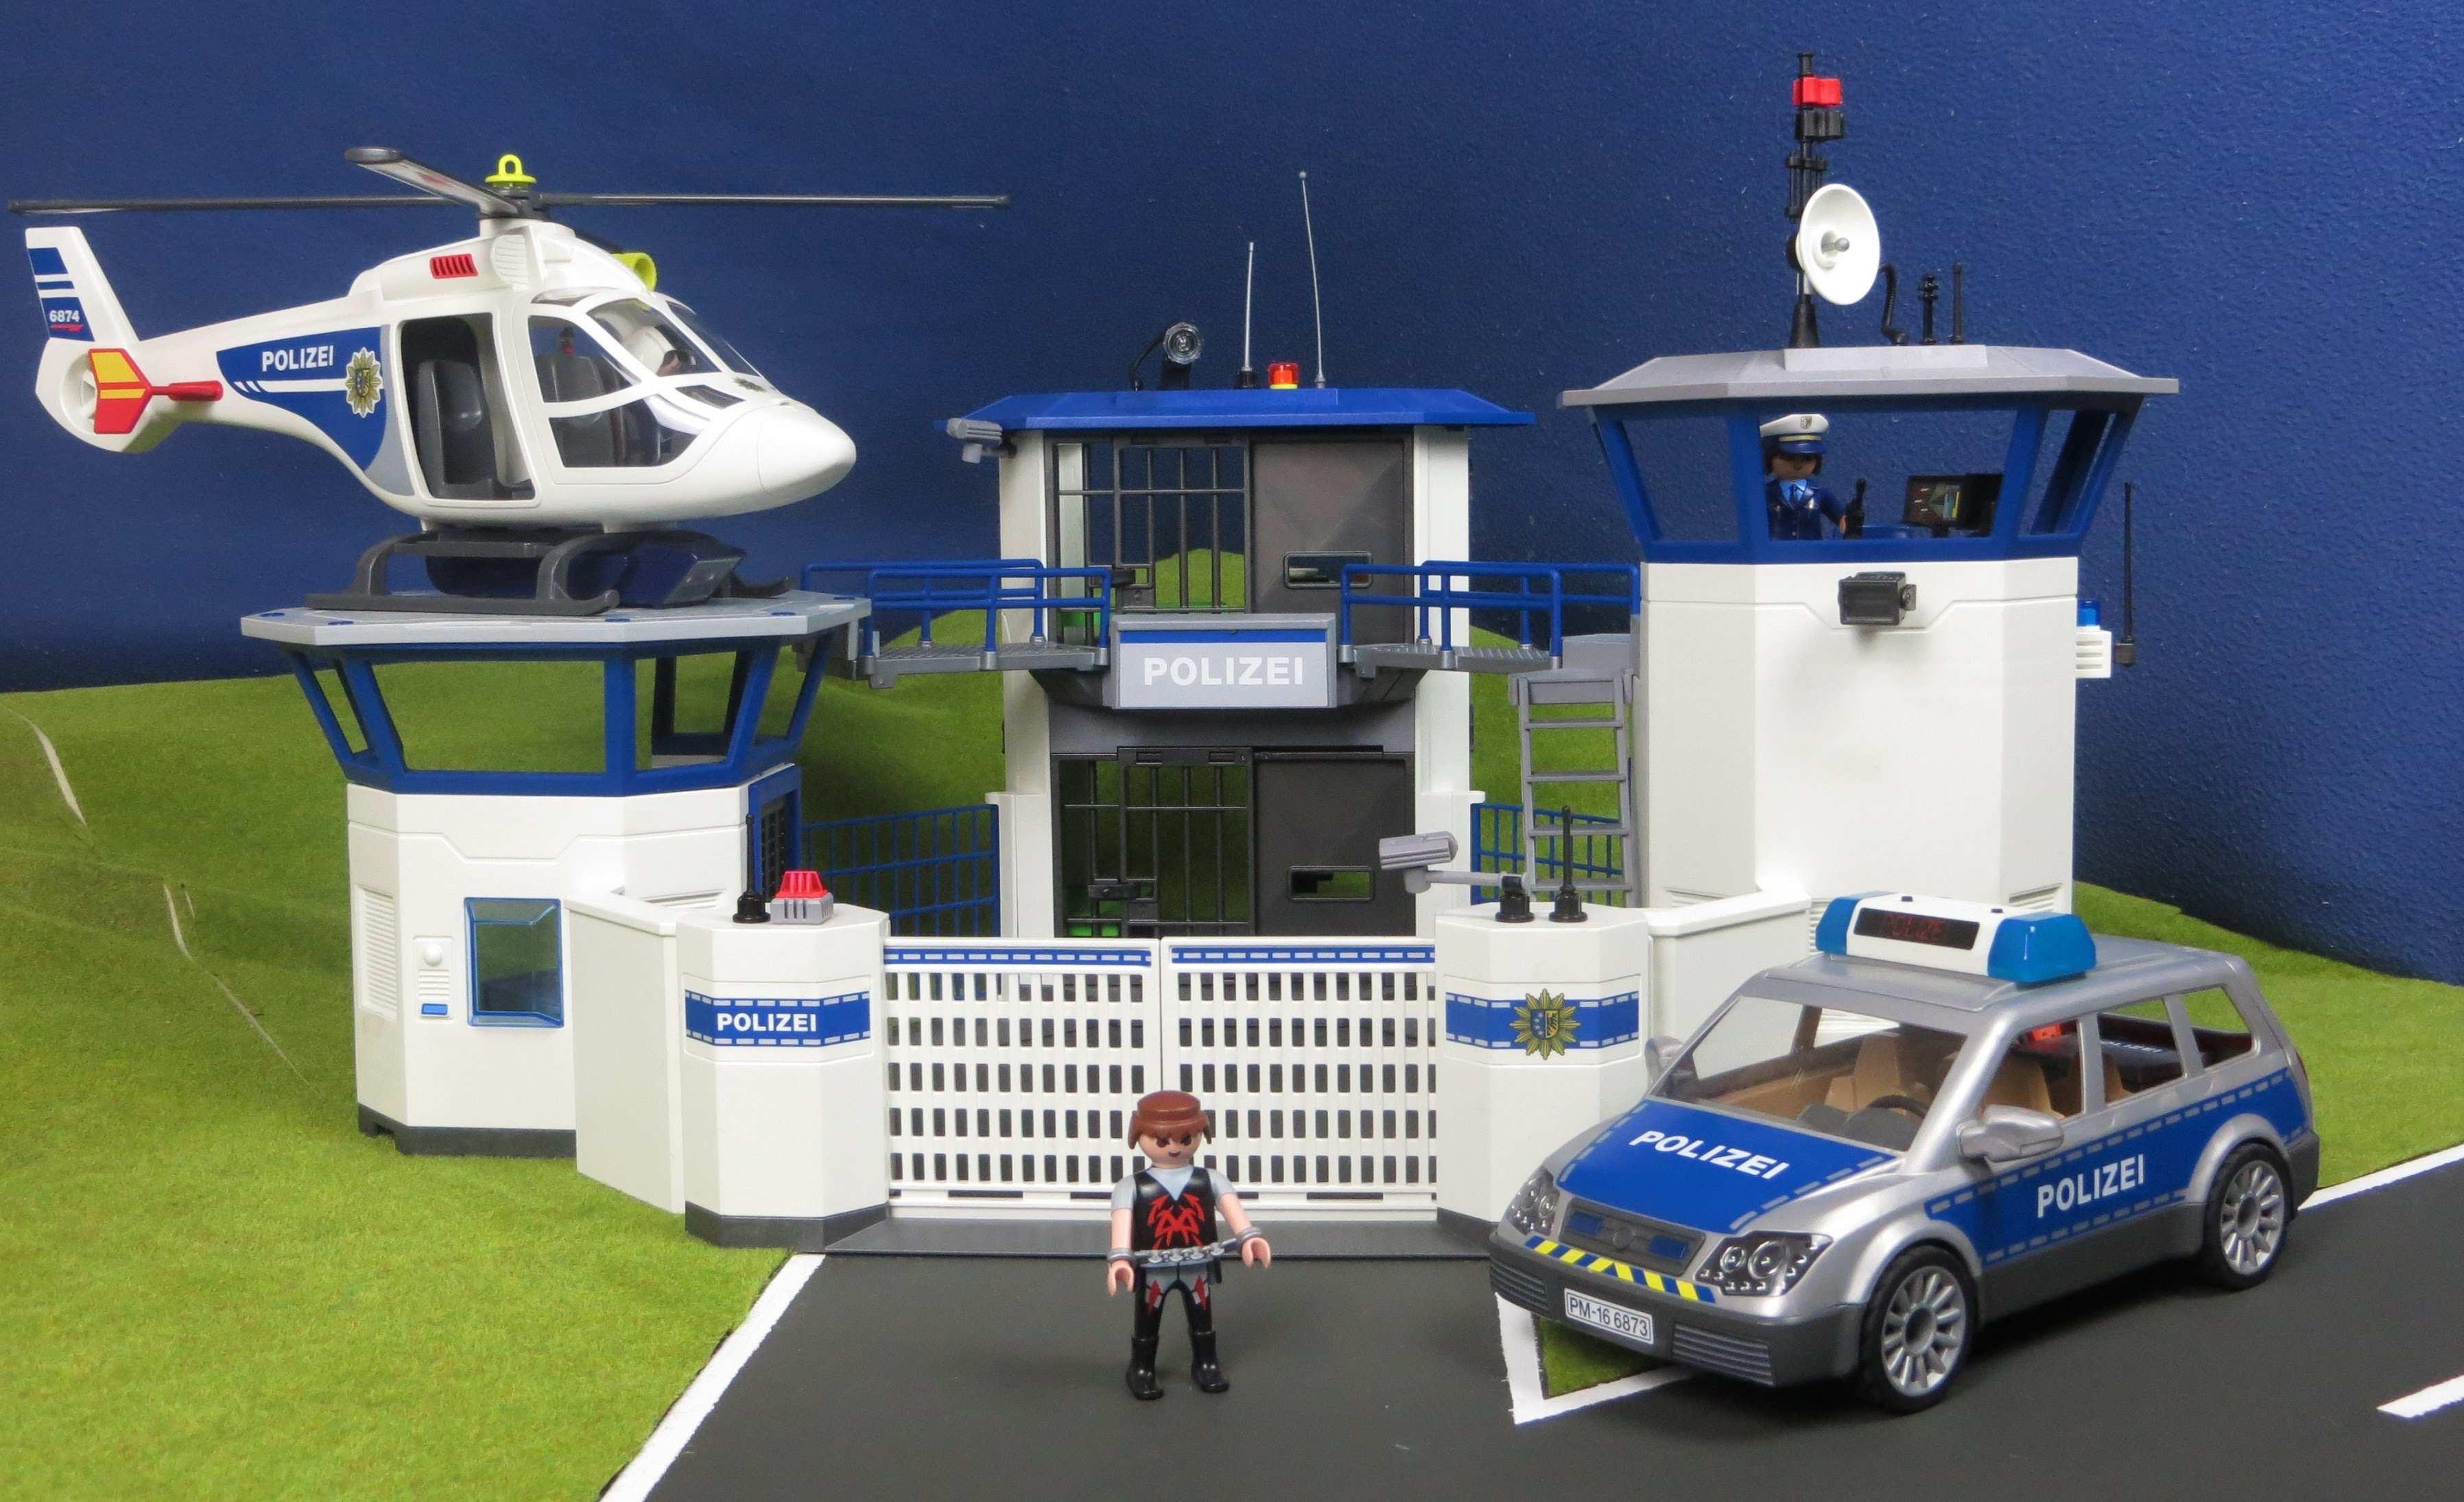 Lego Polizei Ausmalbilder Einzigartig Lego Polizei Spiele Kostenlos 29 Beste Von Lego Polizei Bild